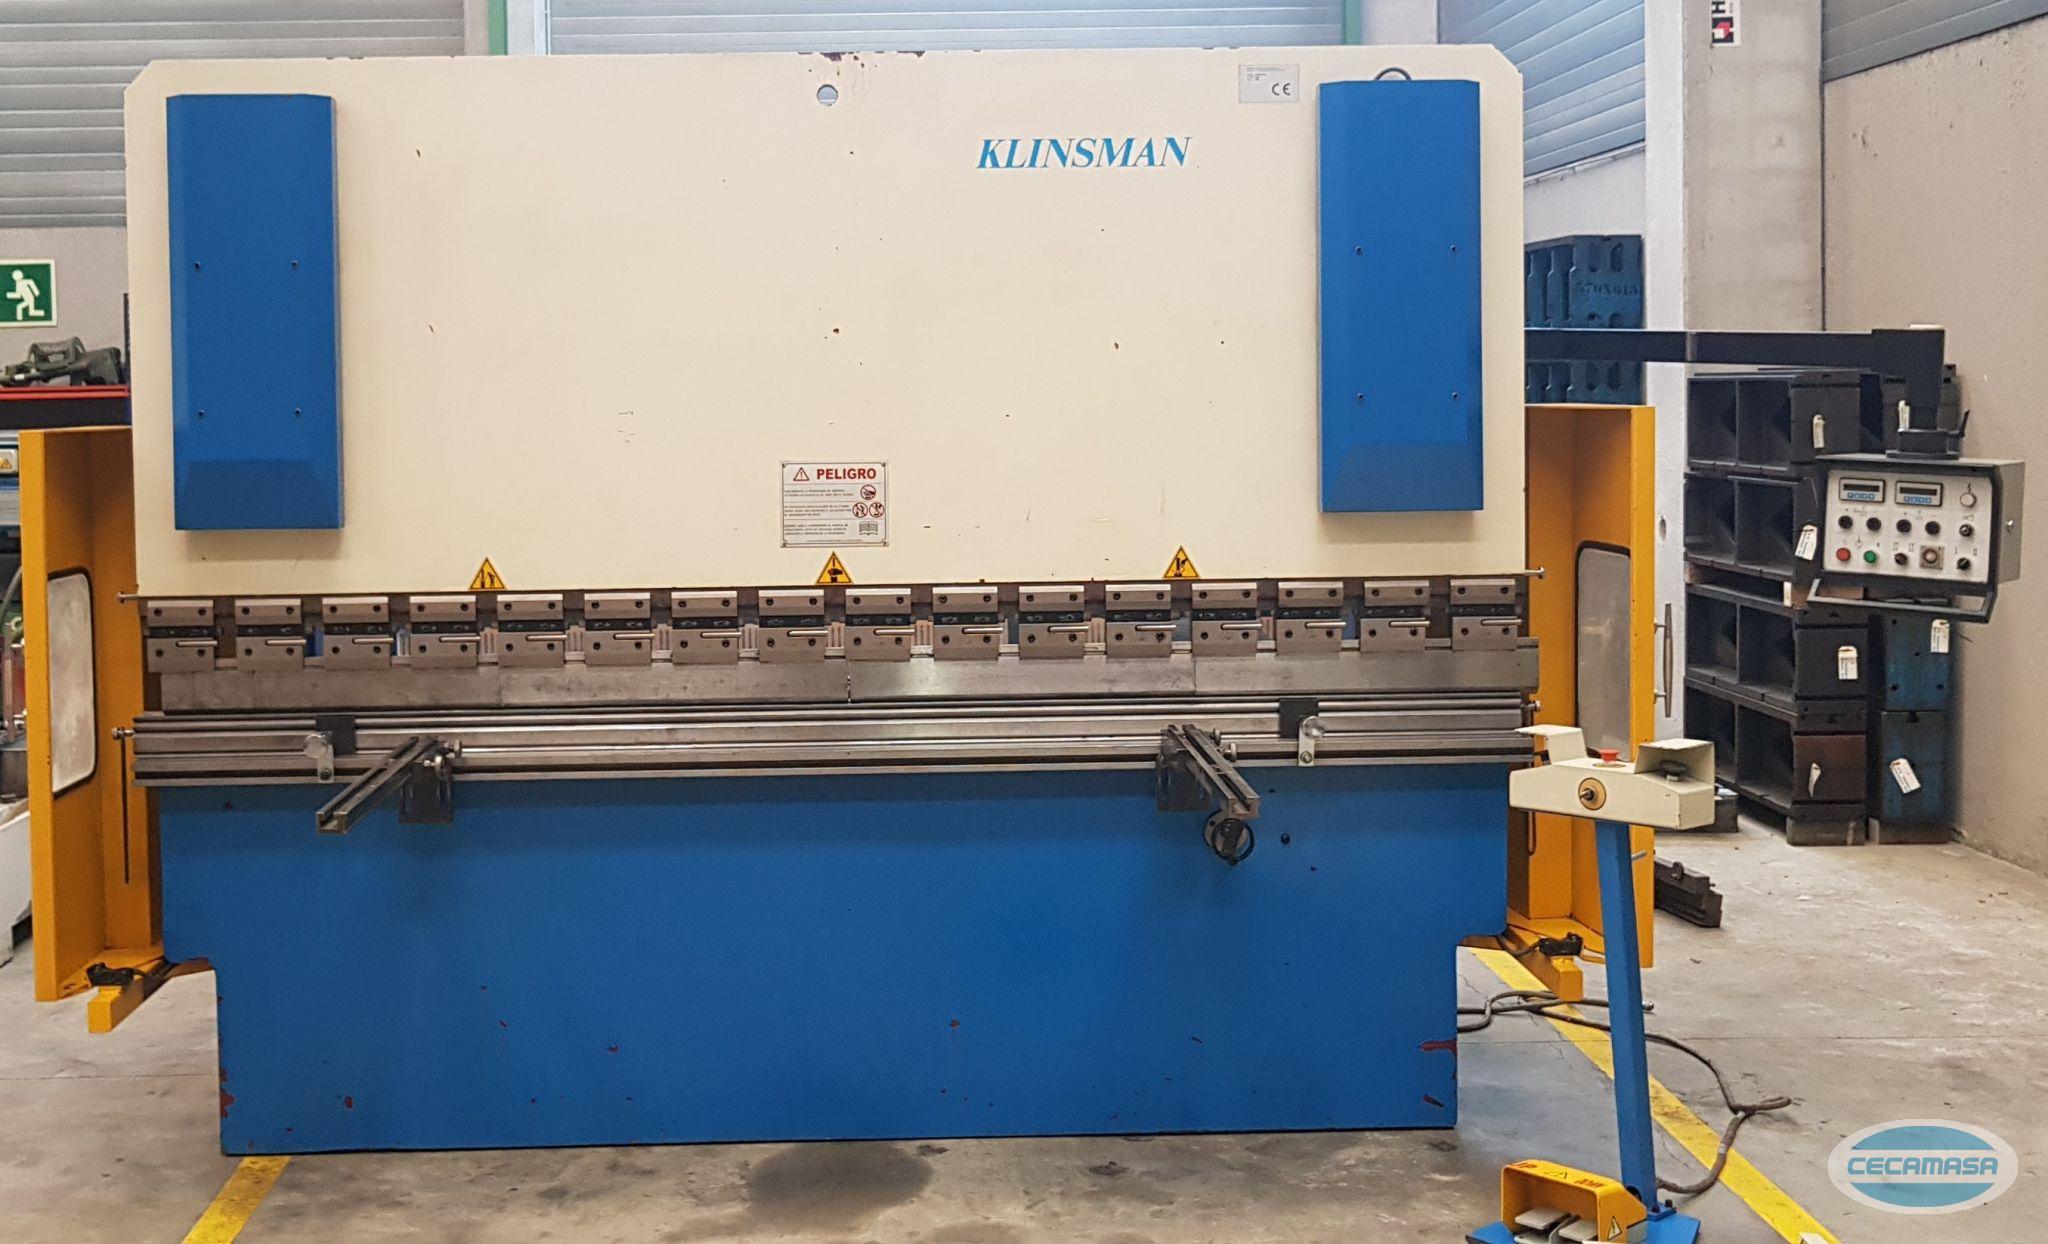 PLEGADORA KLINSMAN RPP125-320 DE OCASIÓN